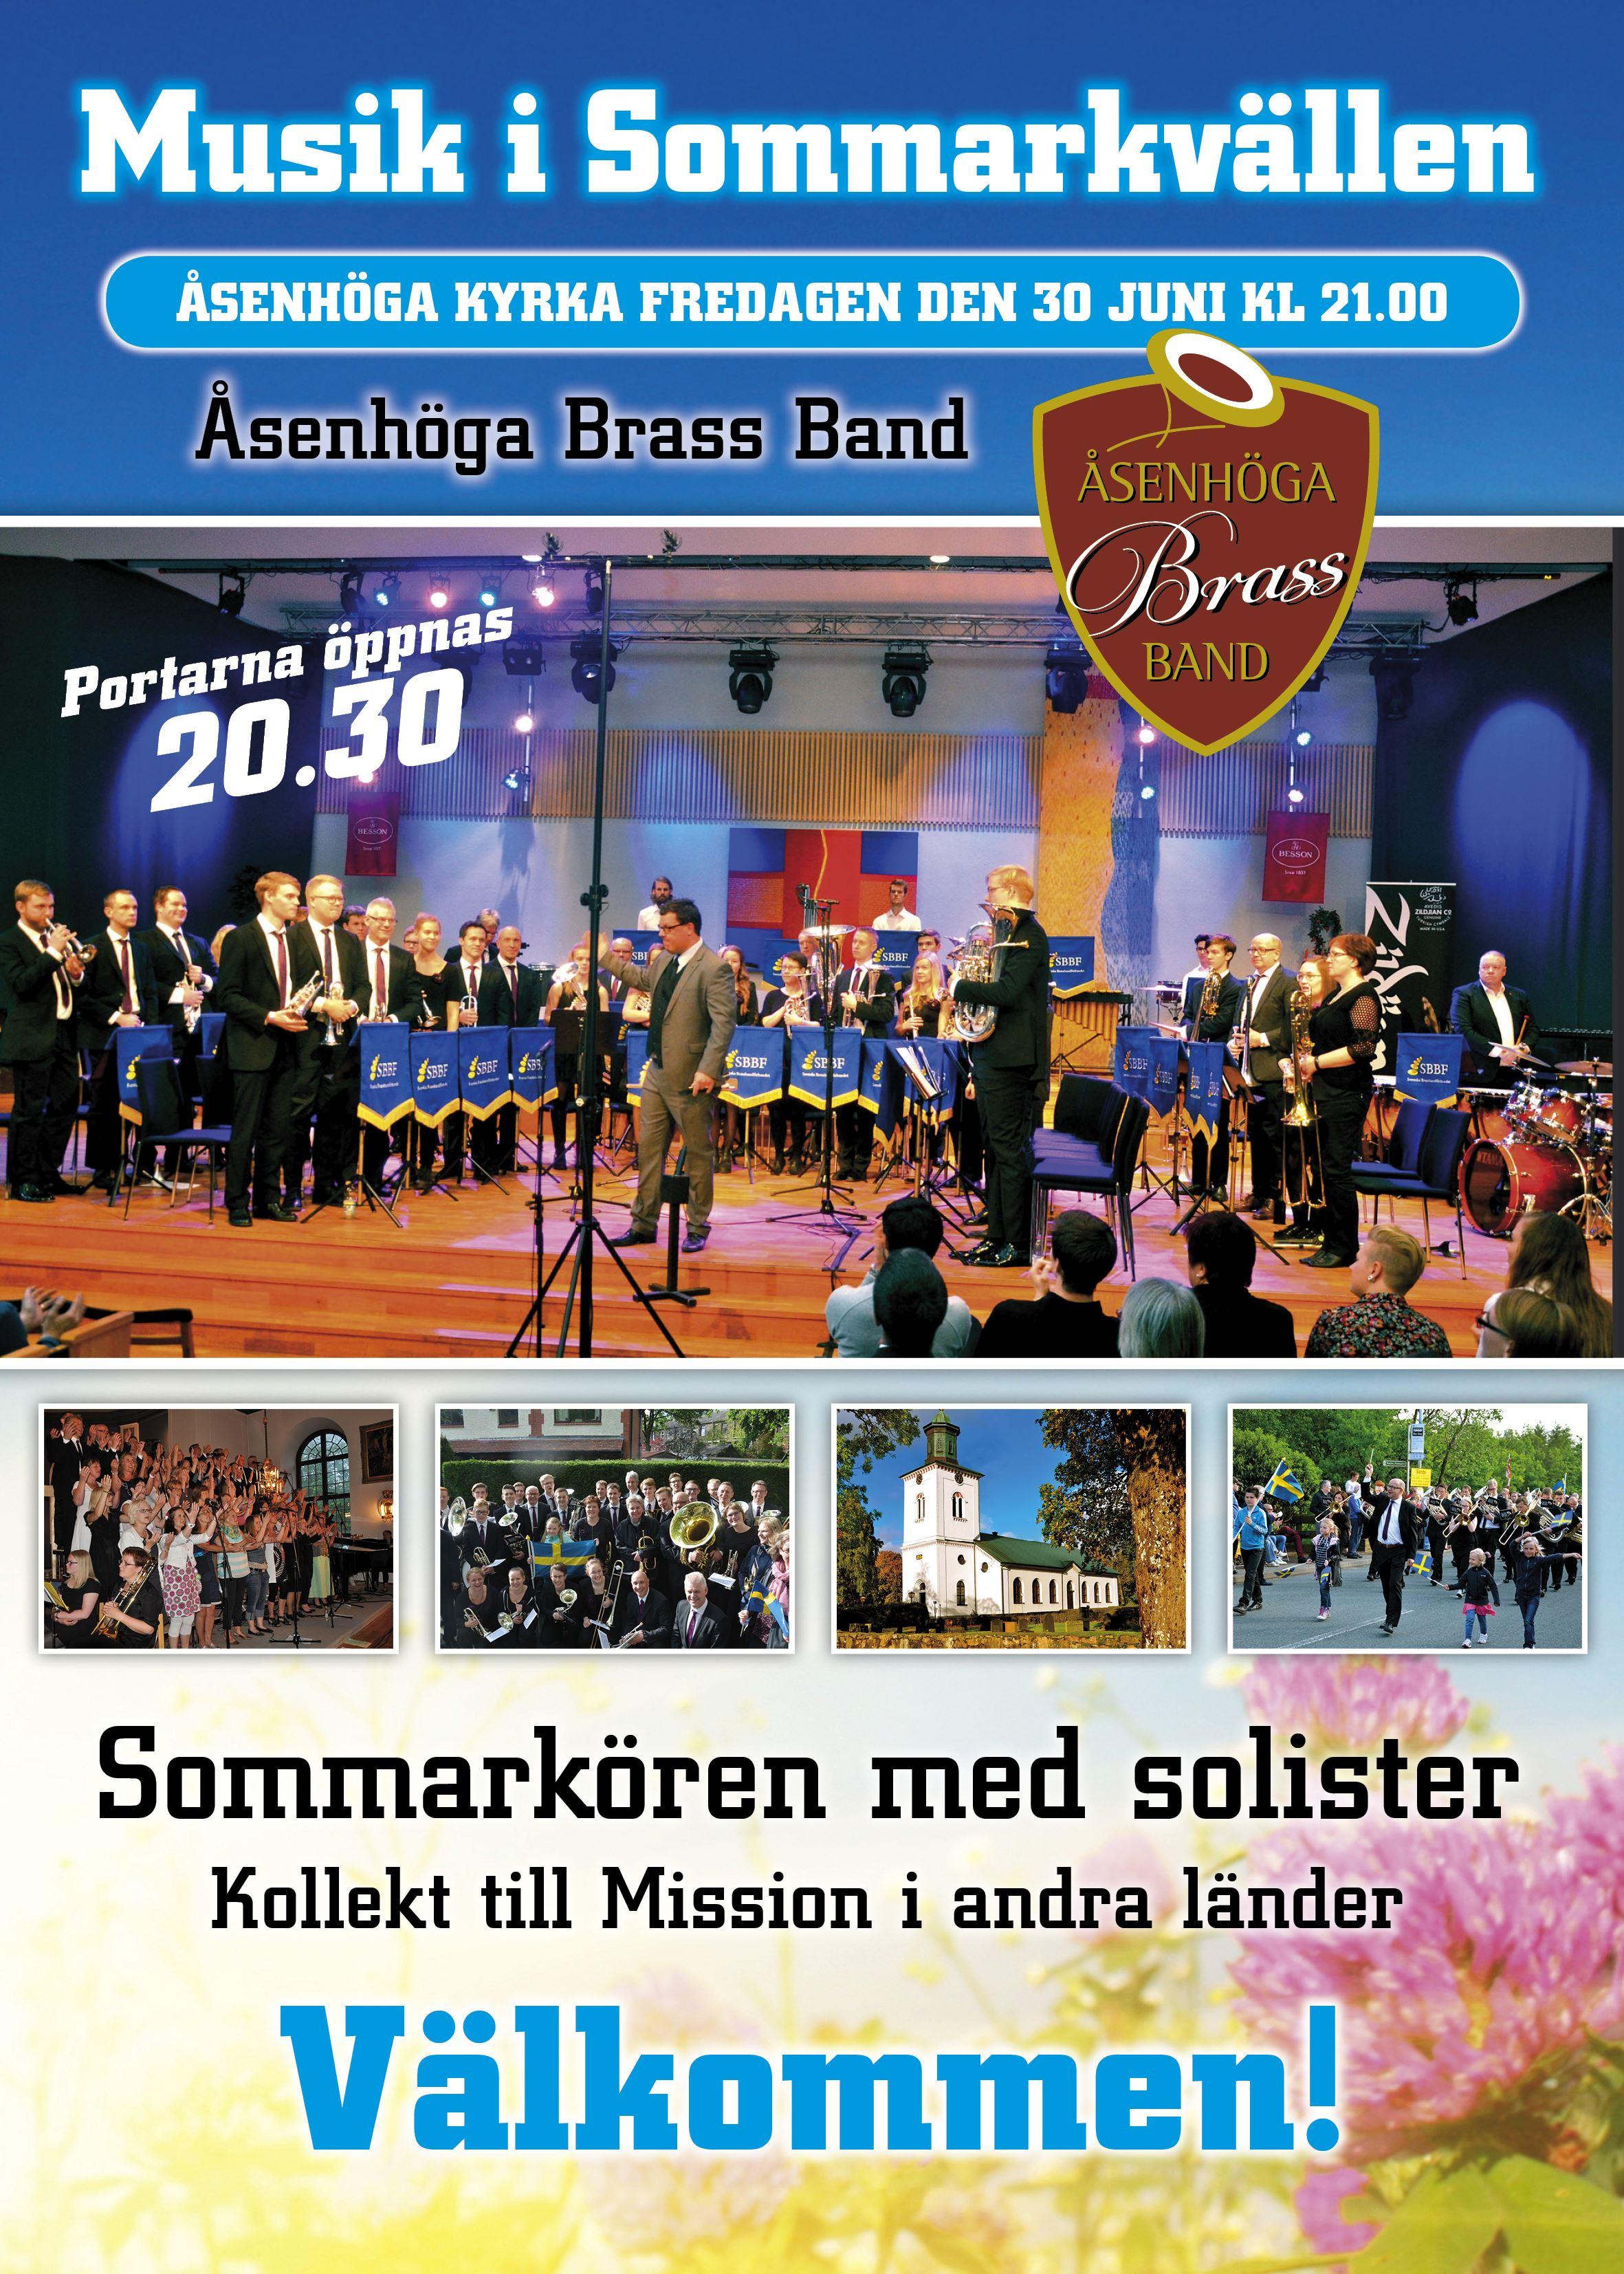 Musik i Sommarkvällen i Åsenhöga kyrka